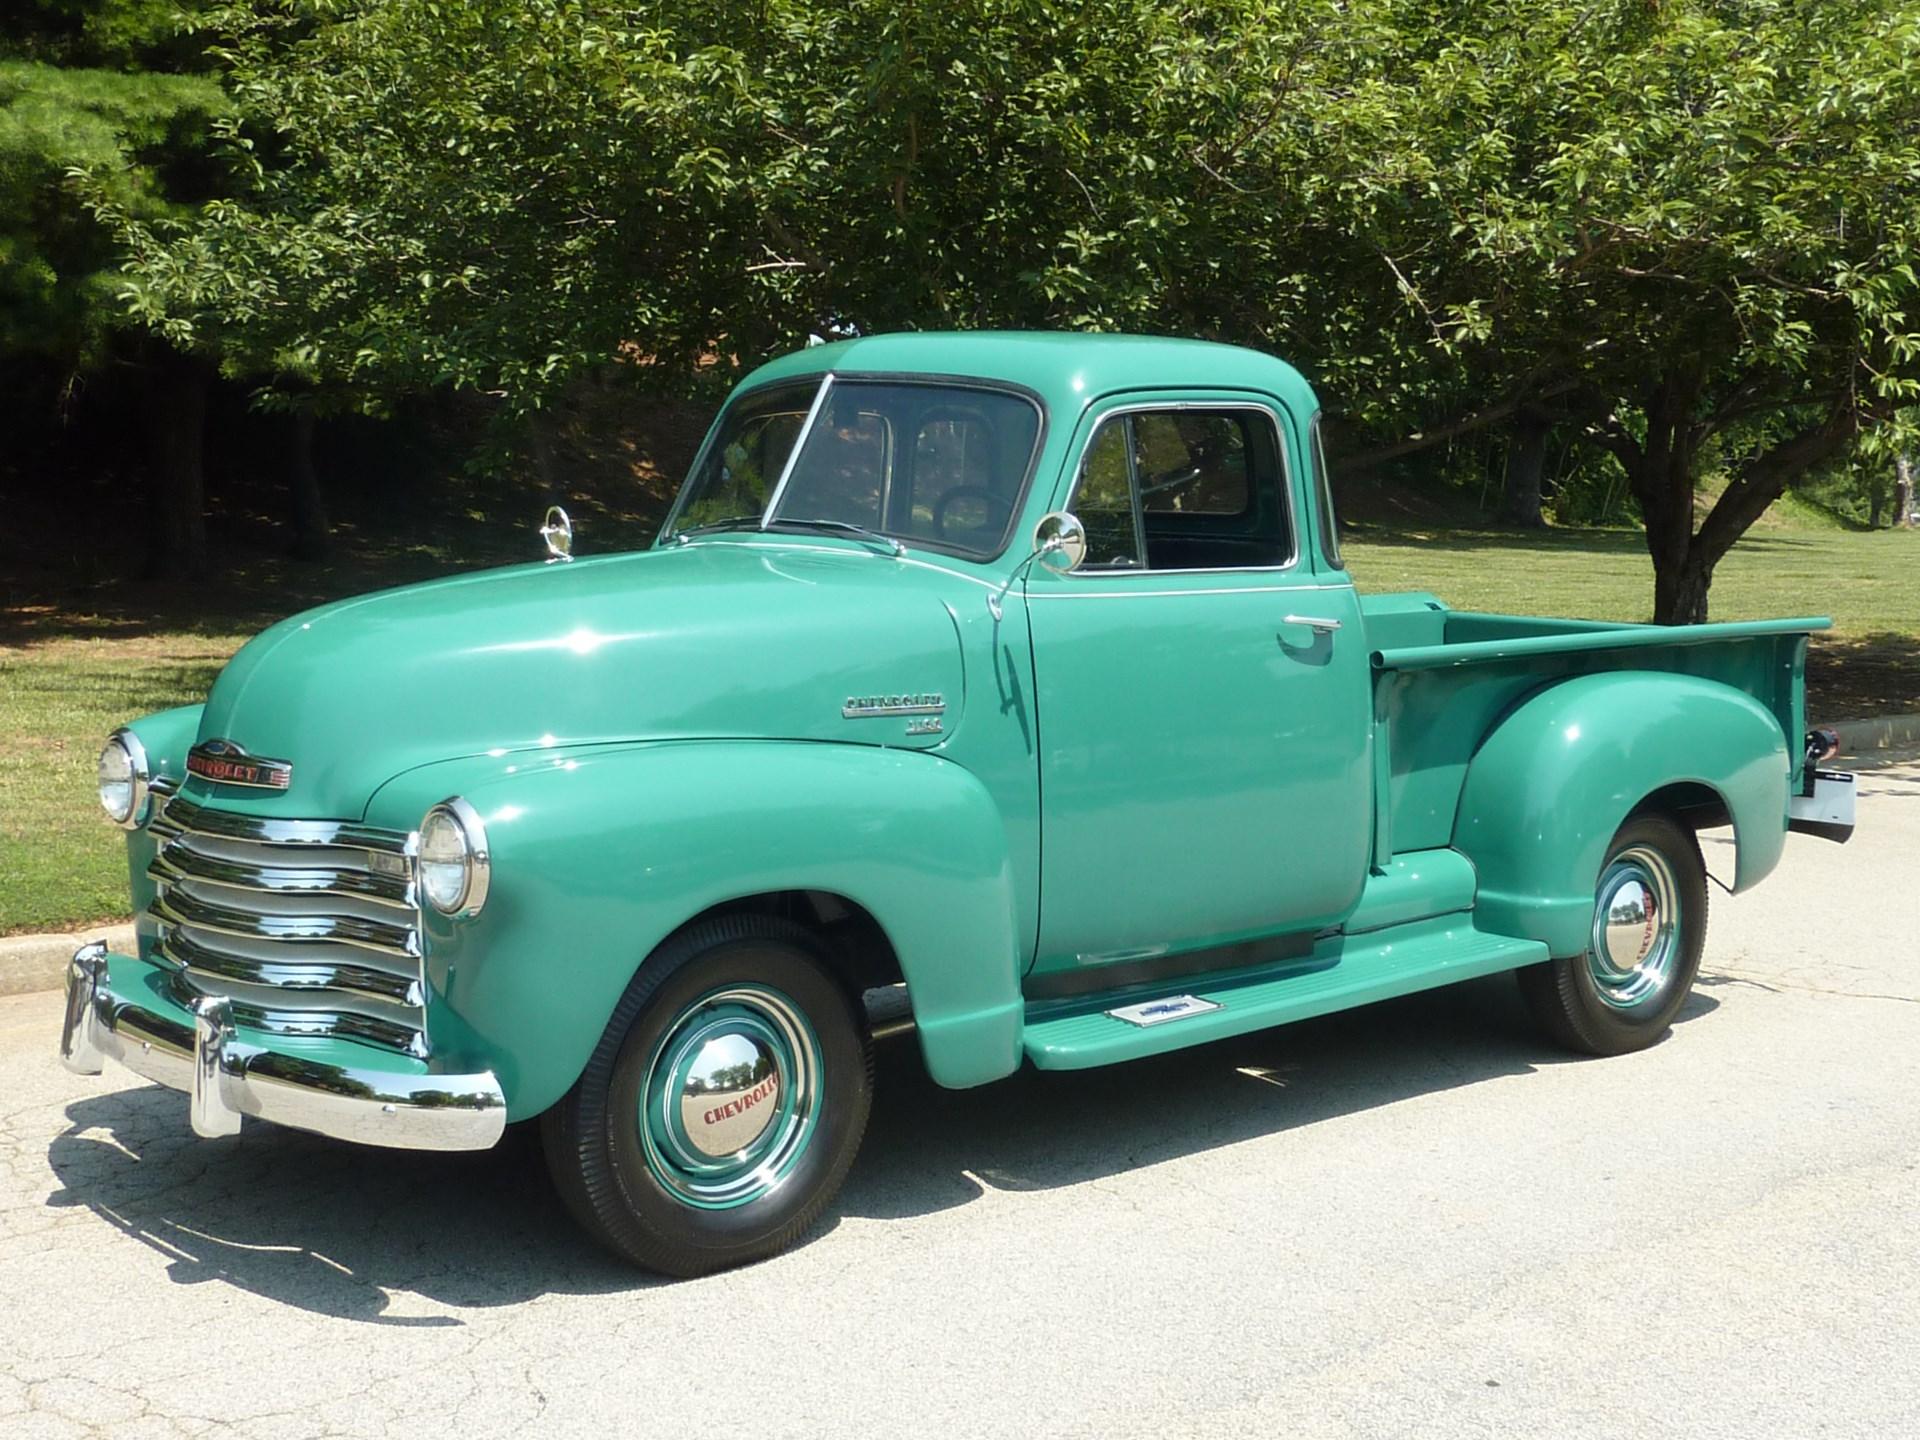 Rm Sothebys 1951 Chevrolet 3100 5 Window Pickup Truck Amelia 2 Door Hardtop